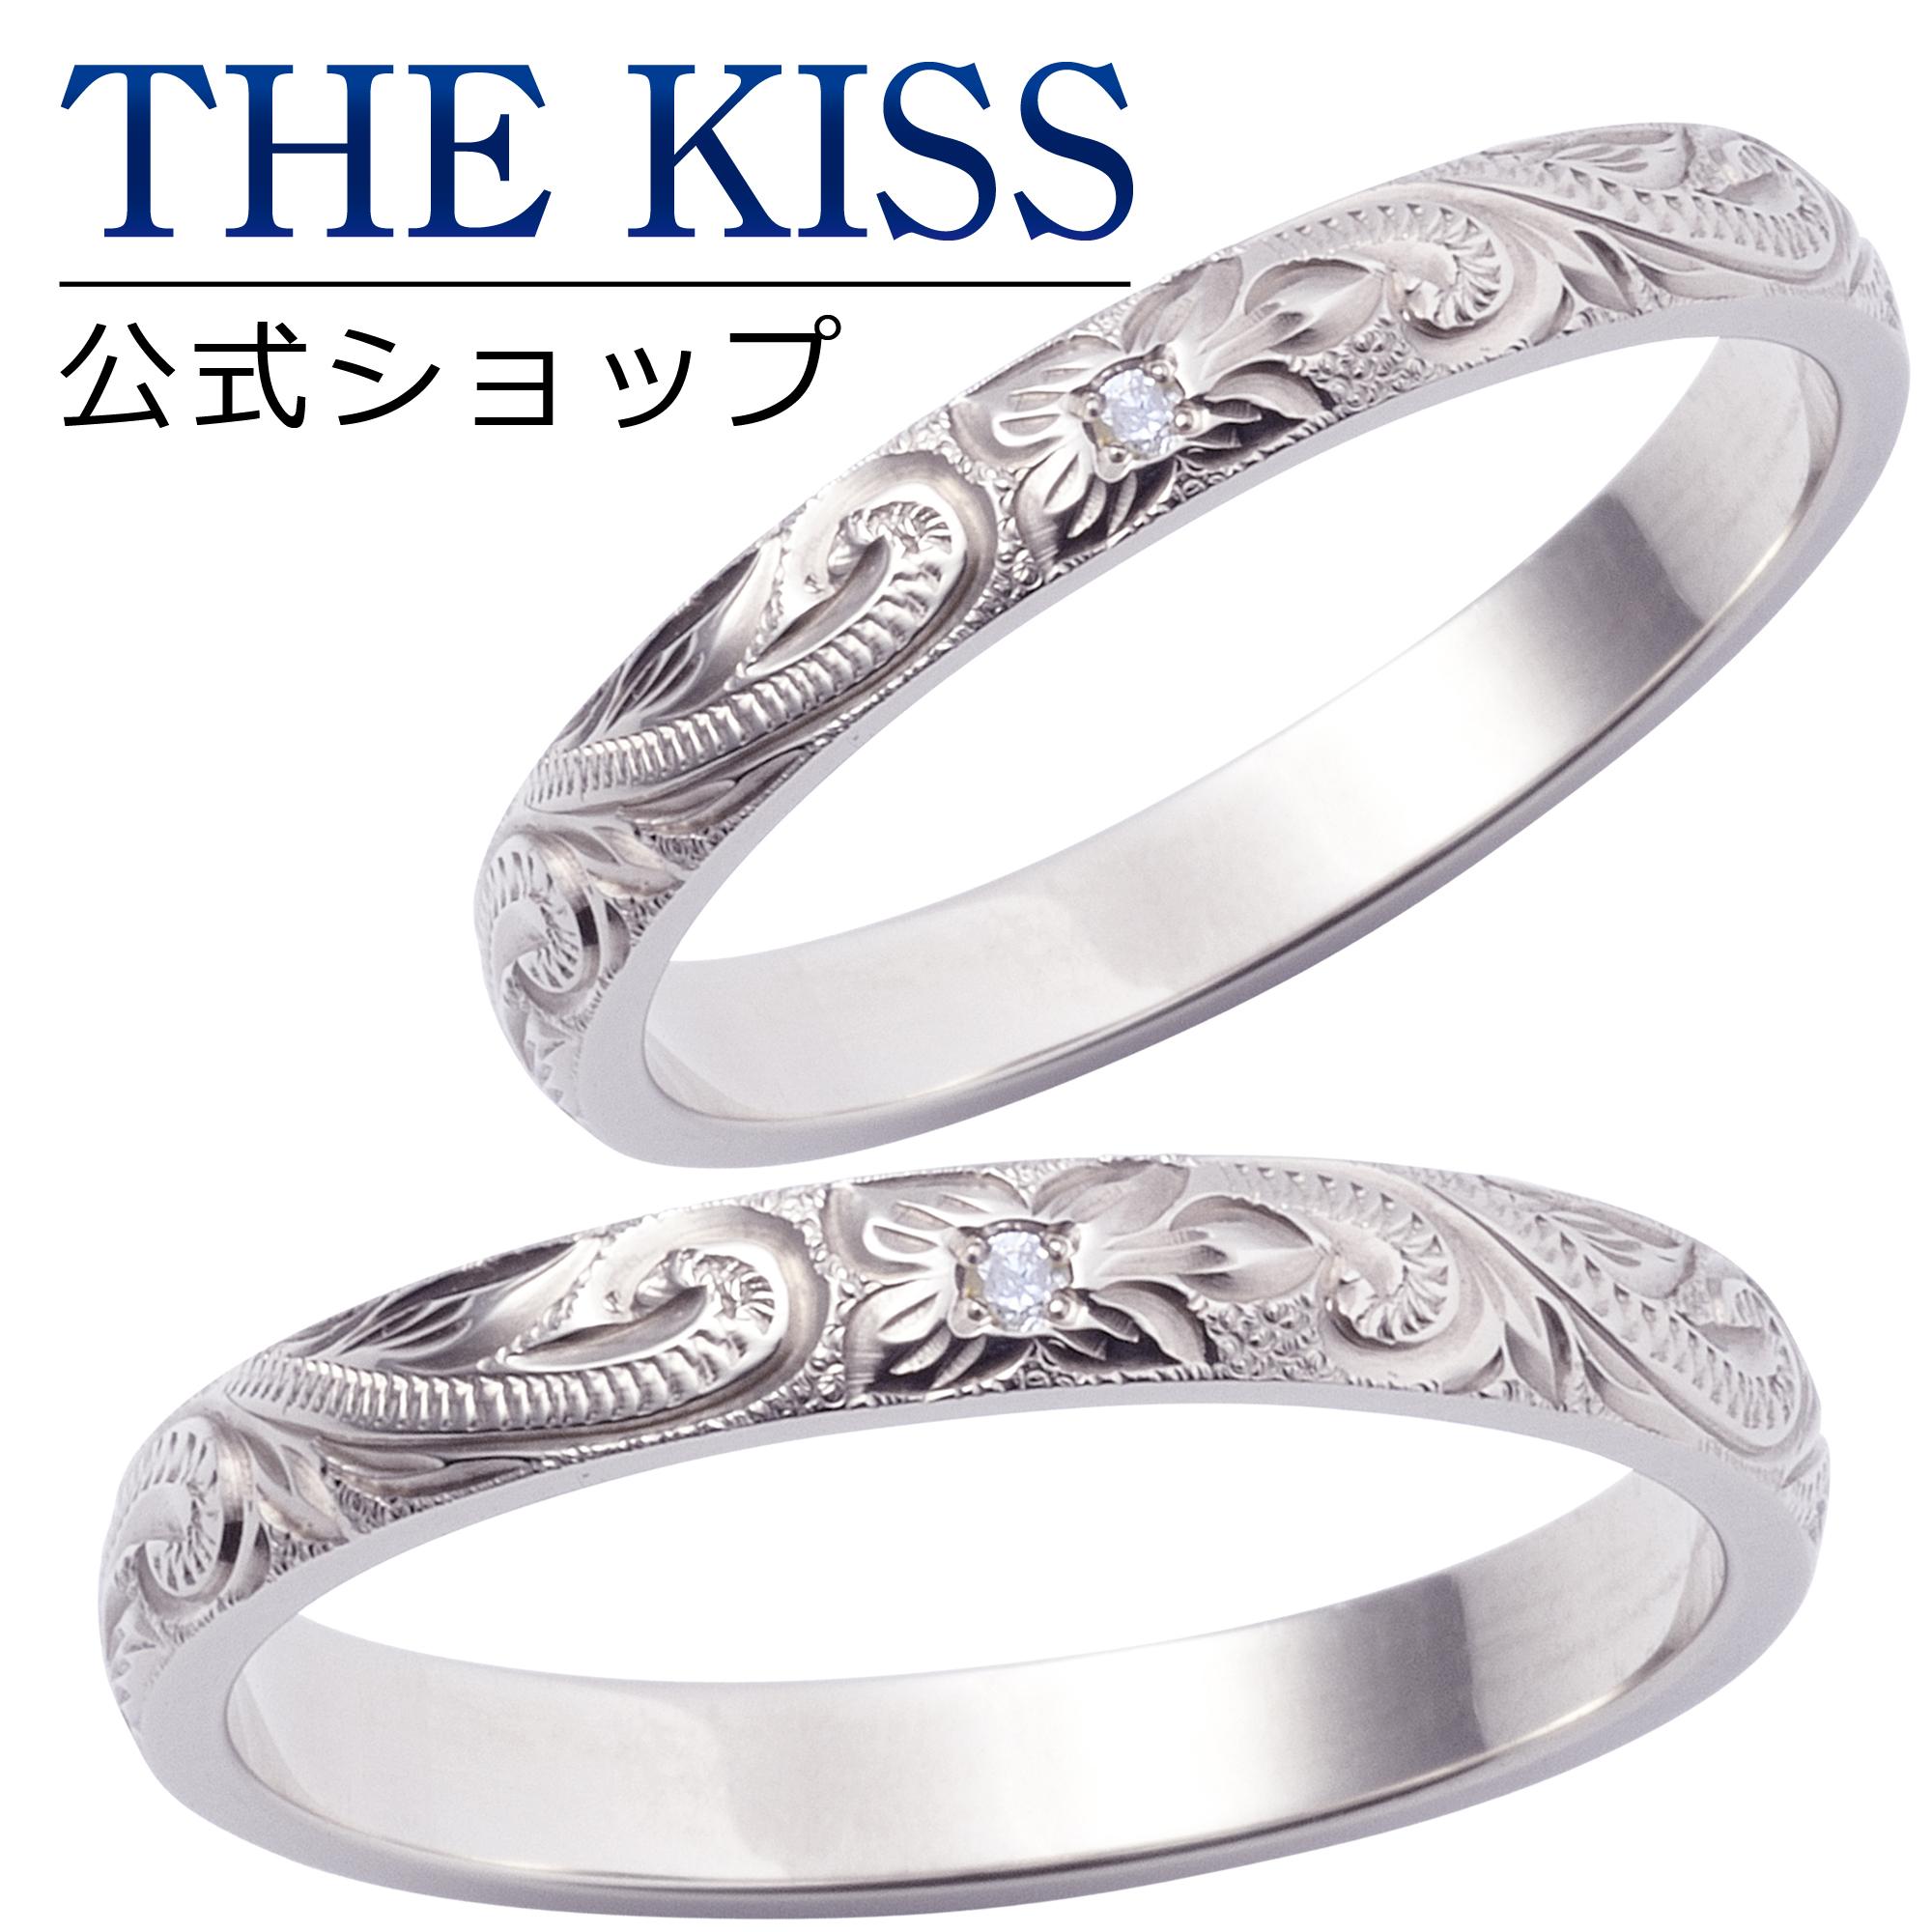 【刻印可_10文字】【Kahuna】 K18ホワイトゴールド マリッジリング ハワイアンジュエリー Heritage ヘリテージ 結婚指輪 ペアリング THE KISS ザキッス リング・指輪 50W-RB-11-211_50W-RB-11-221_WG セット シンプル 男性 女性 2個ペア ザキス 【送料無料】